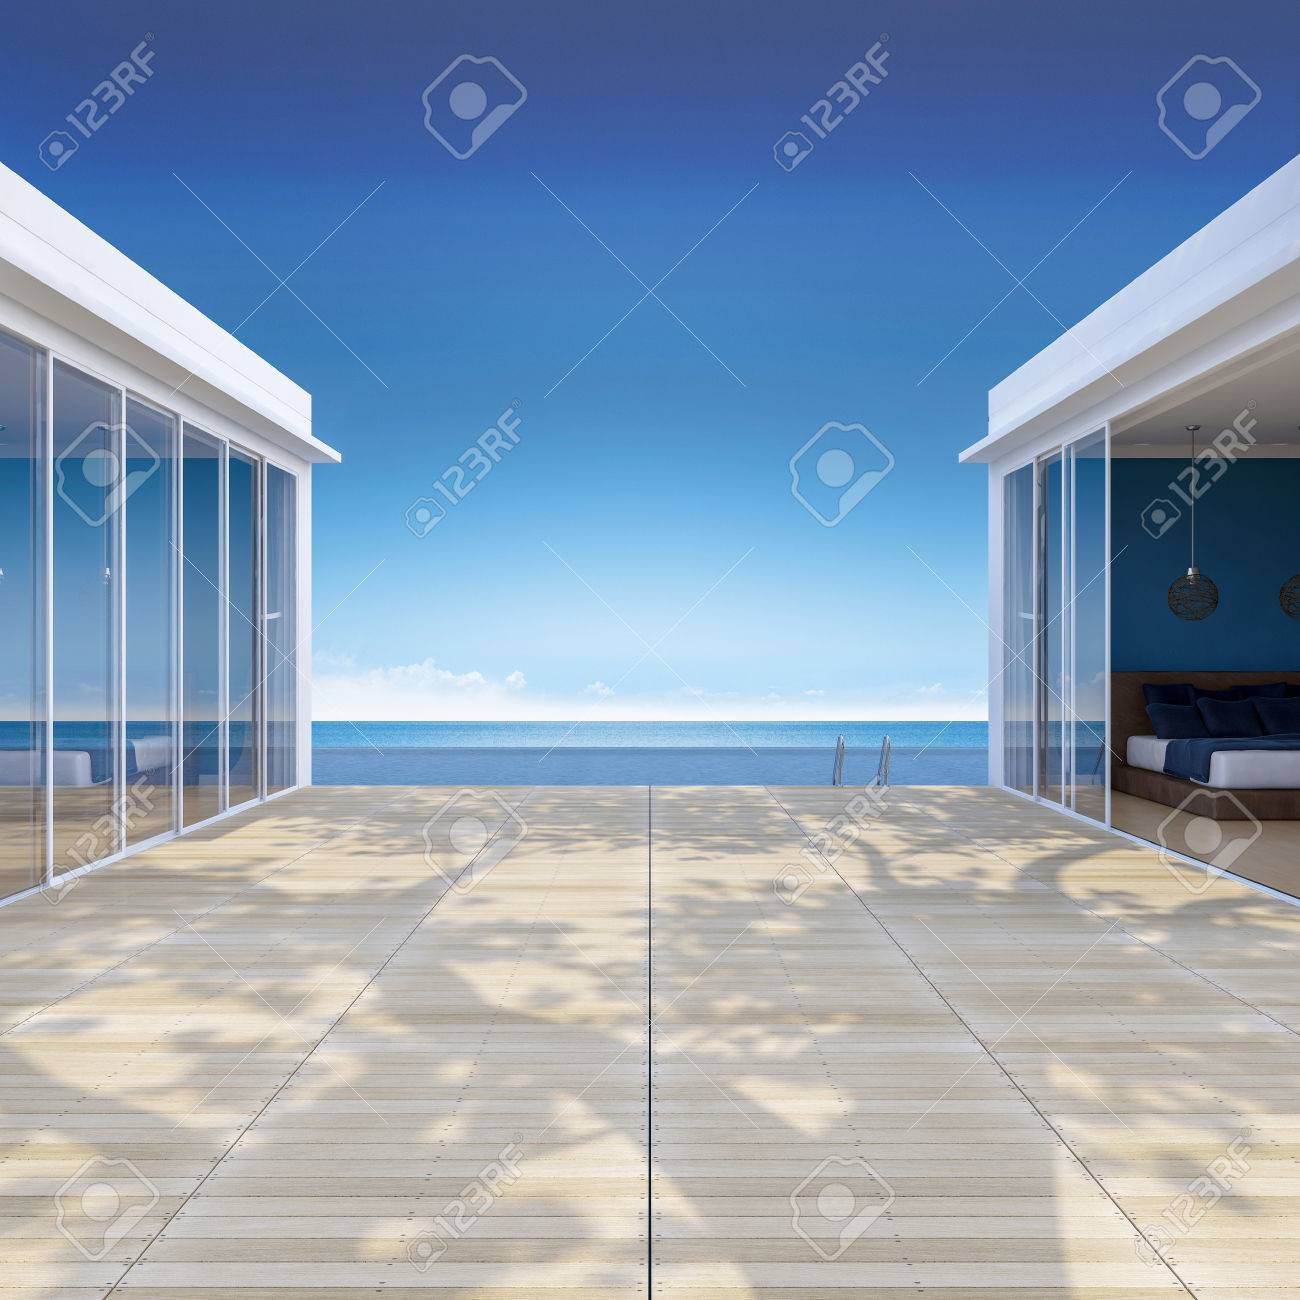 Imagen 3d De La Casa De La Playa Que Tiene Gran árbol En La Terraza De Madera Piscina De Natación Las Hojas De Sombra En El Piso